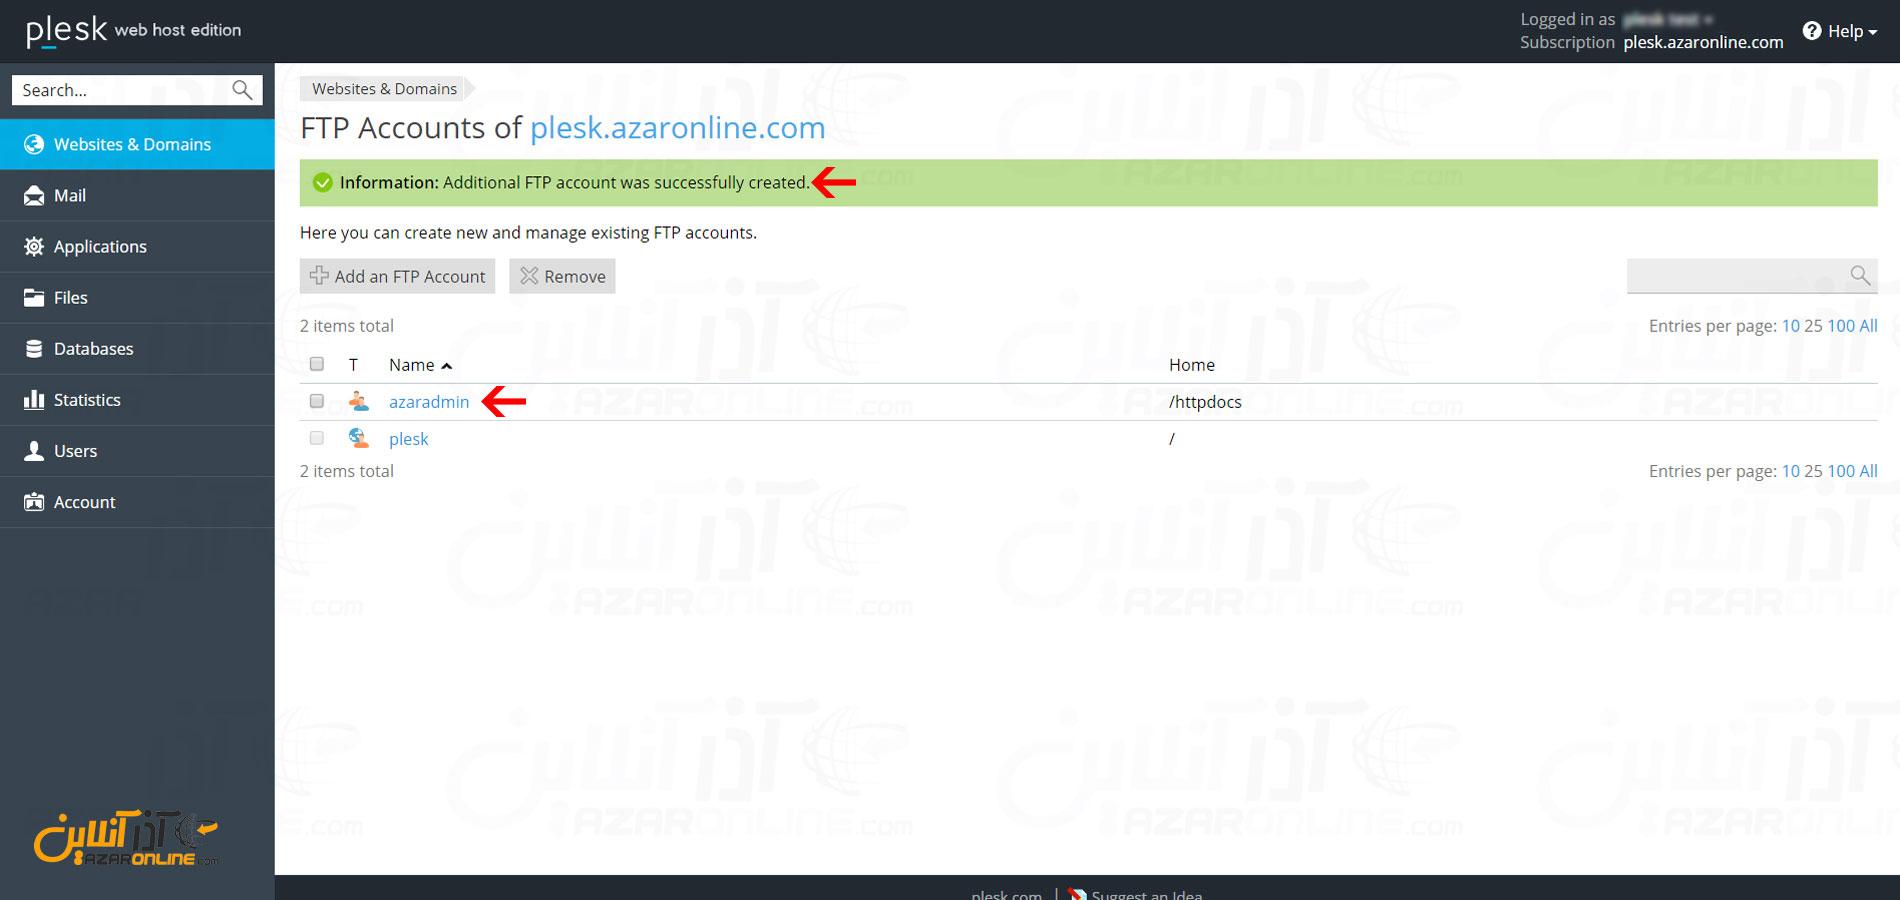 آموزش ساخت اکانت FTP در هاست پلسک - پیغام ساخته شدن اکانت